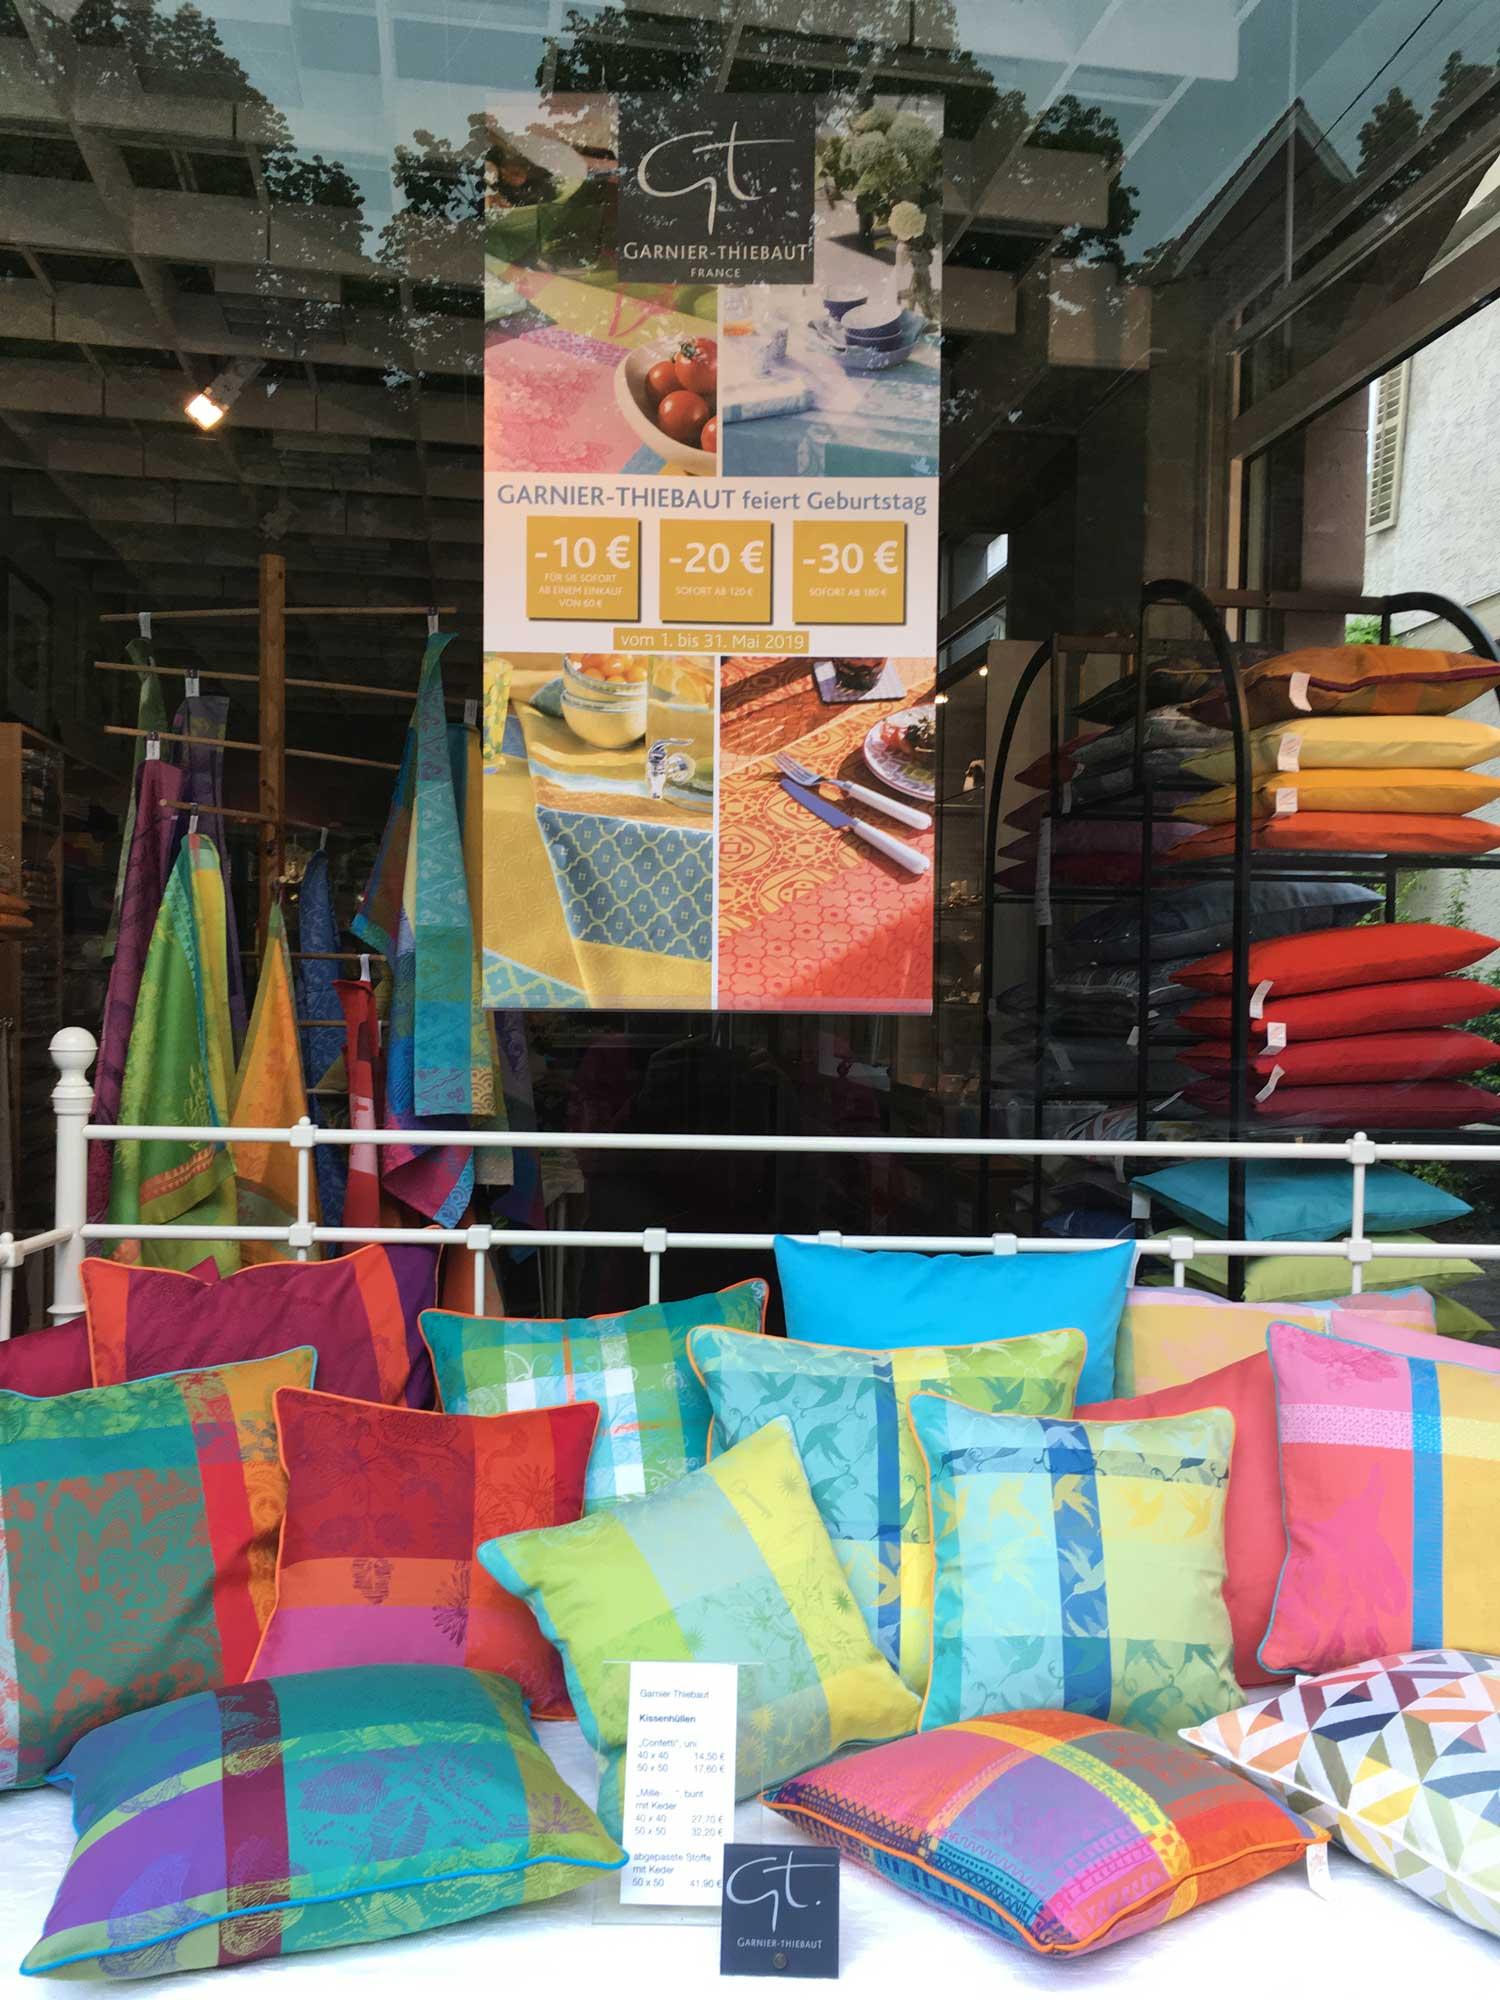 Ein paar schöne neue Kissen für die Sommer-Terrasse, den Lieblingsraum? Garnier Thiebaut bietet eine Fülle an Kissenhüllen, Tischdecken und Läufern. Im Mai noch mit der Gutschein-Aktion!!!  … nicht verpassen!